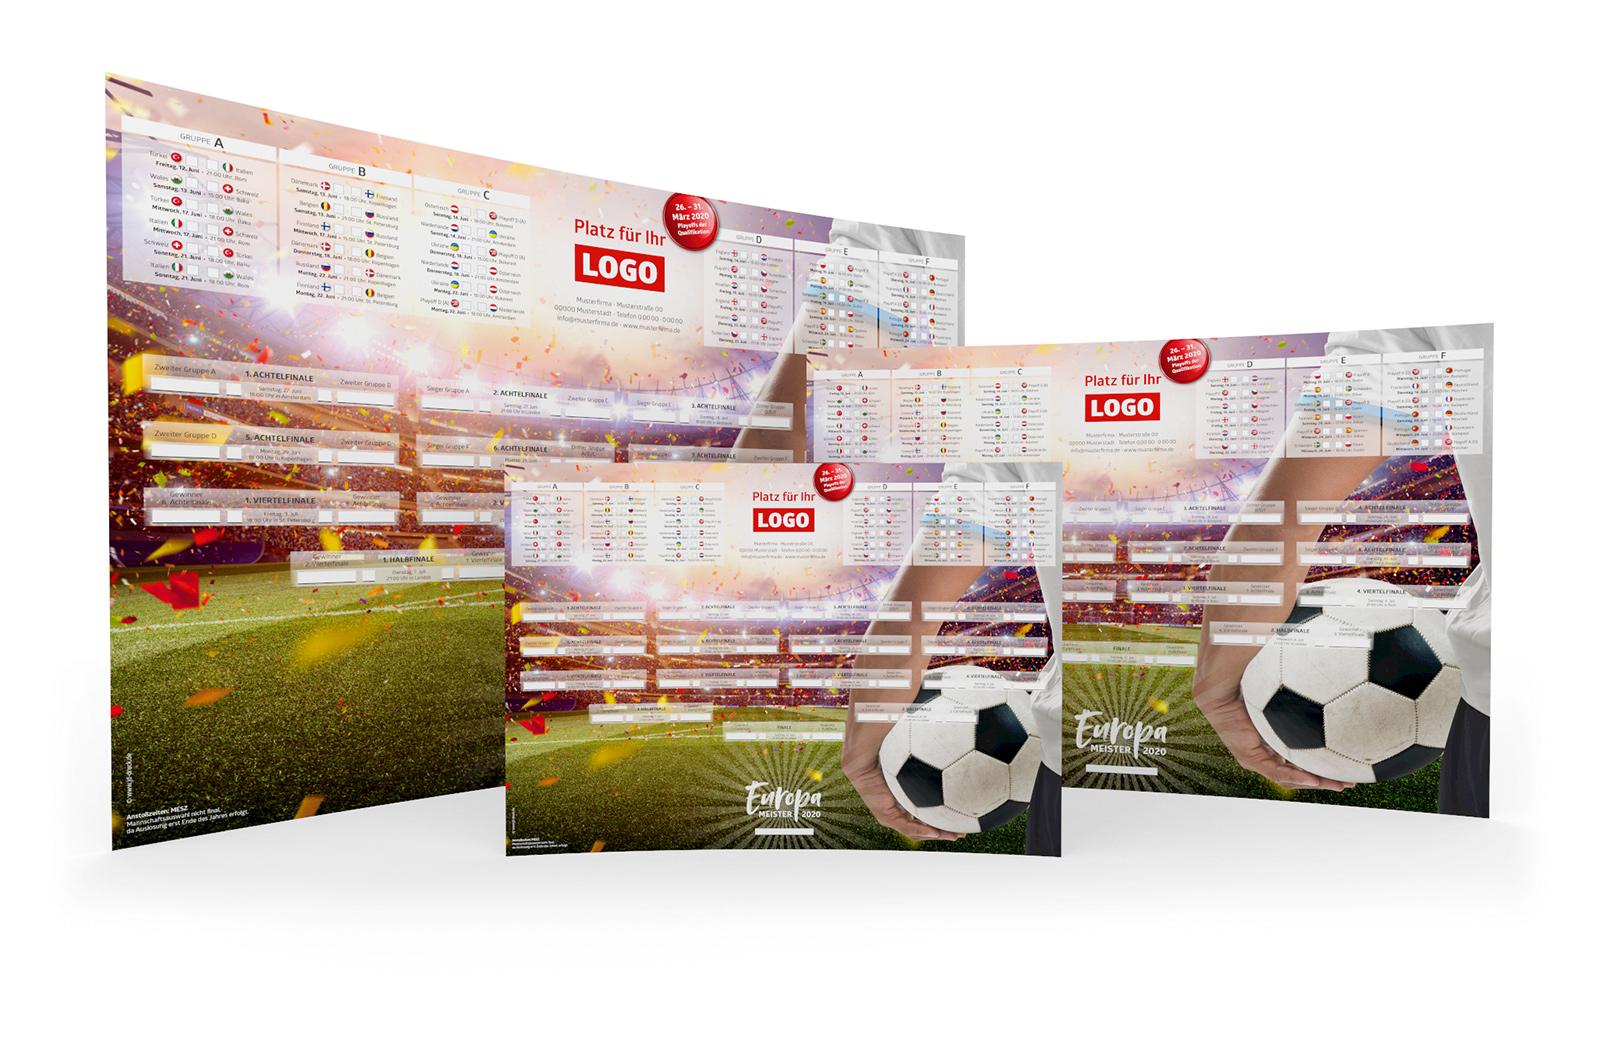 Fussball Spielplan Poster A3 A2 A1 Werbemittel EM 2020